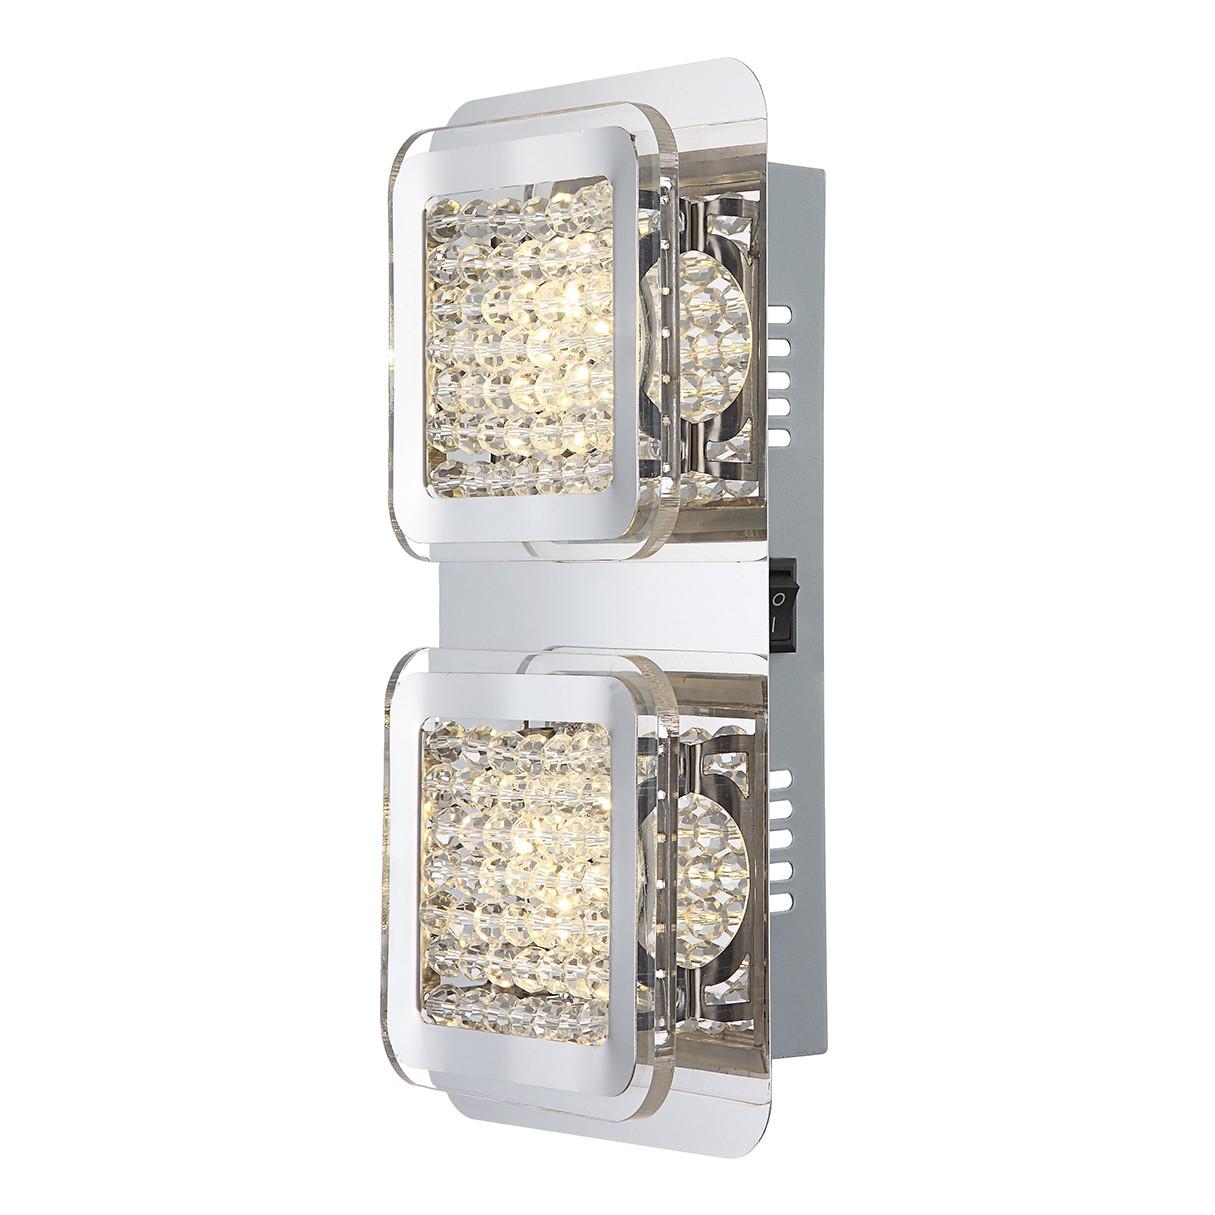 EEK A+, LED-Wandleuchte Schelli 2-flammig - Silber Metall, verchr bei Home24 - Lampen